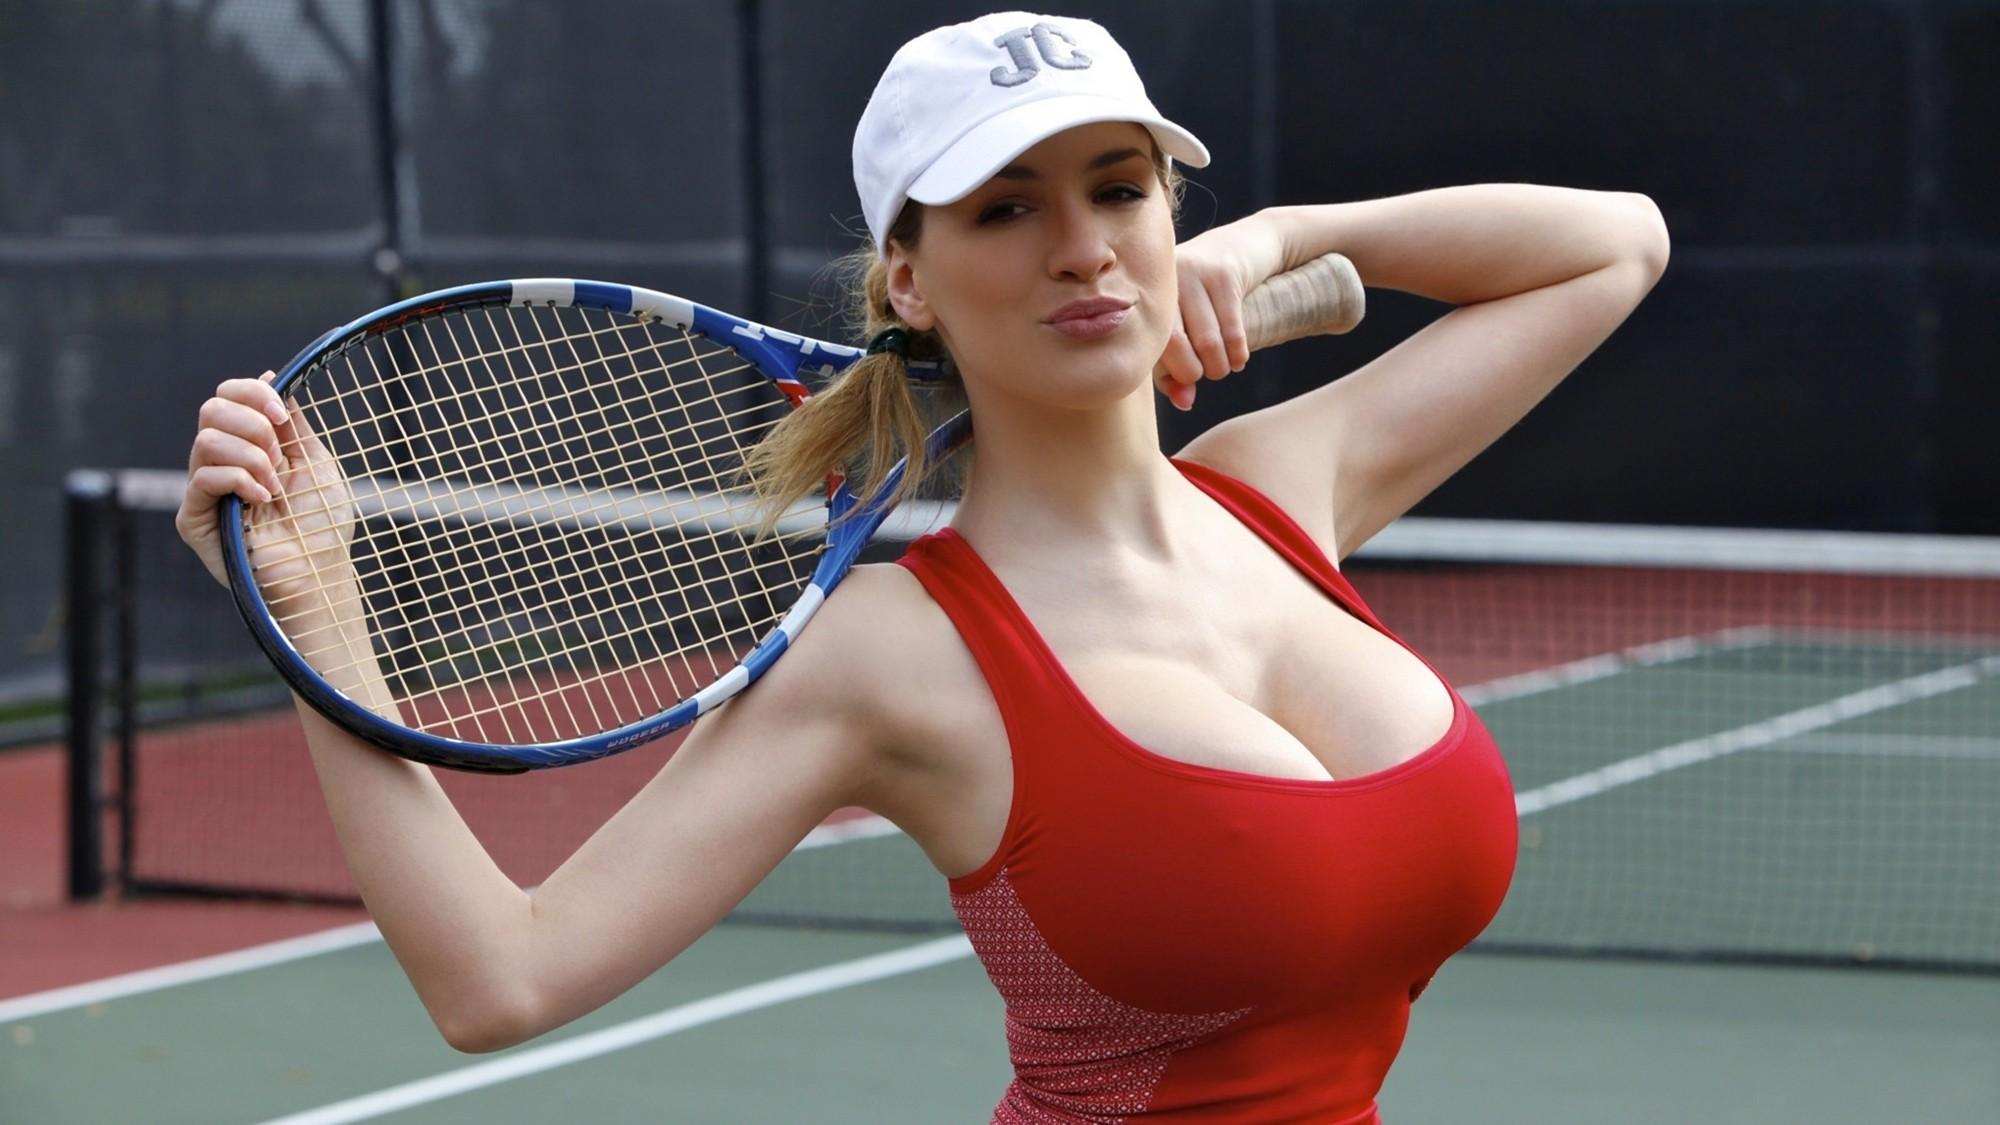 Смотреть горячие спортсменки, Порно со спортсменками, секс с голыми гимнастками 17 фотография